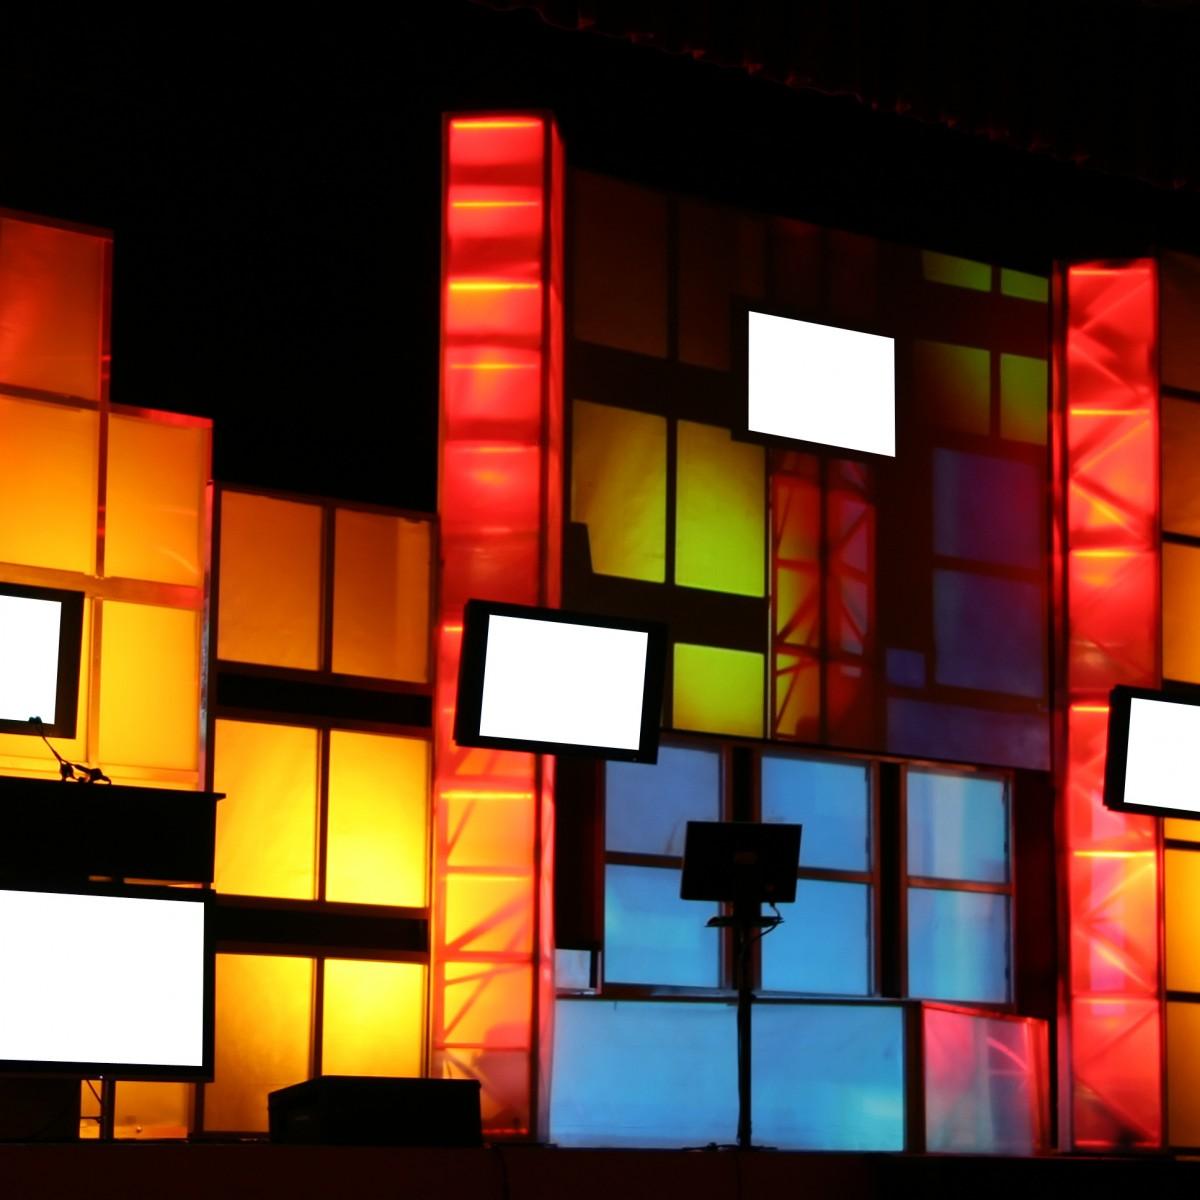 Formation audiovisuel, une alternative qui serait géniale